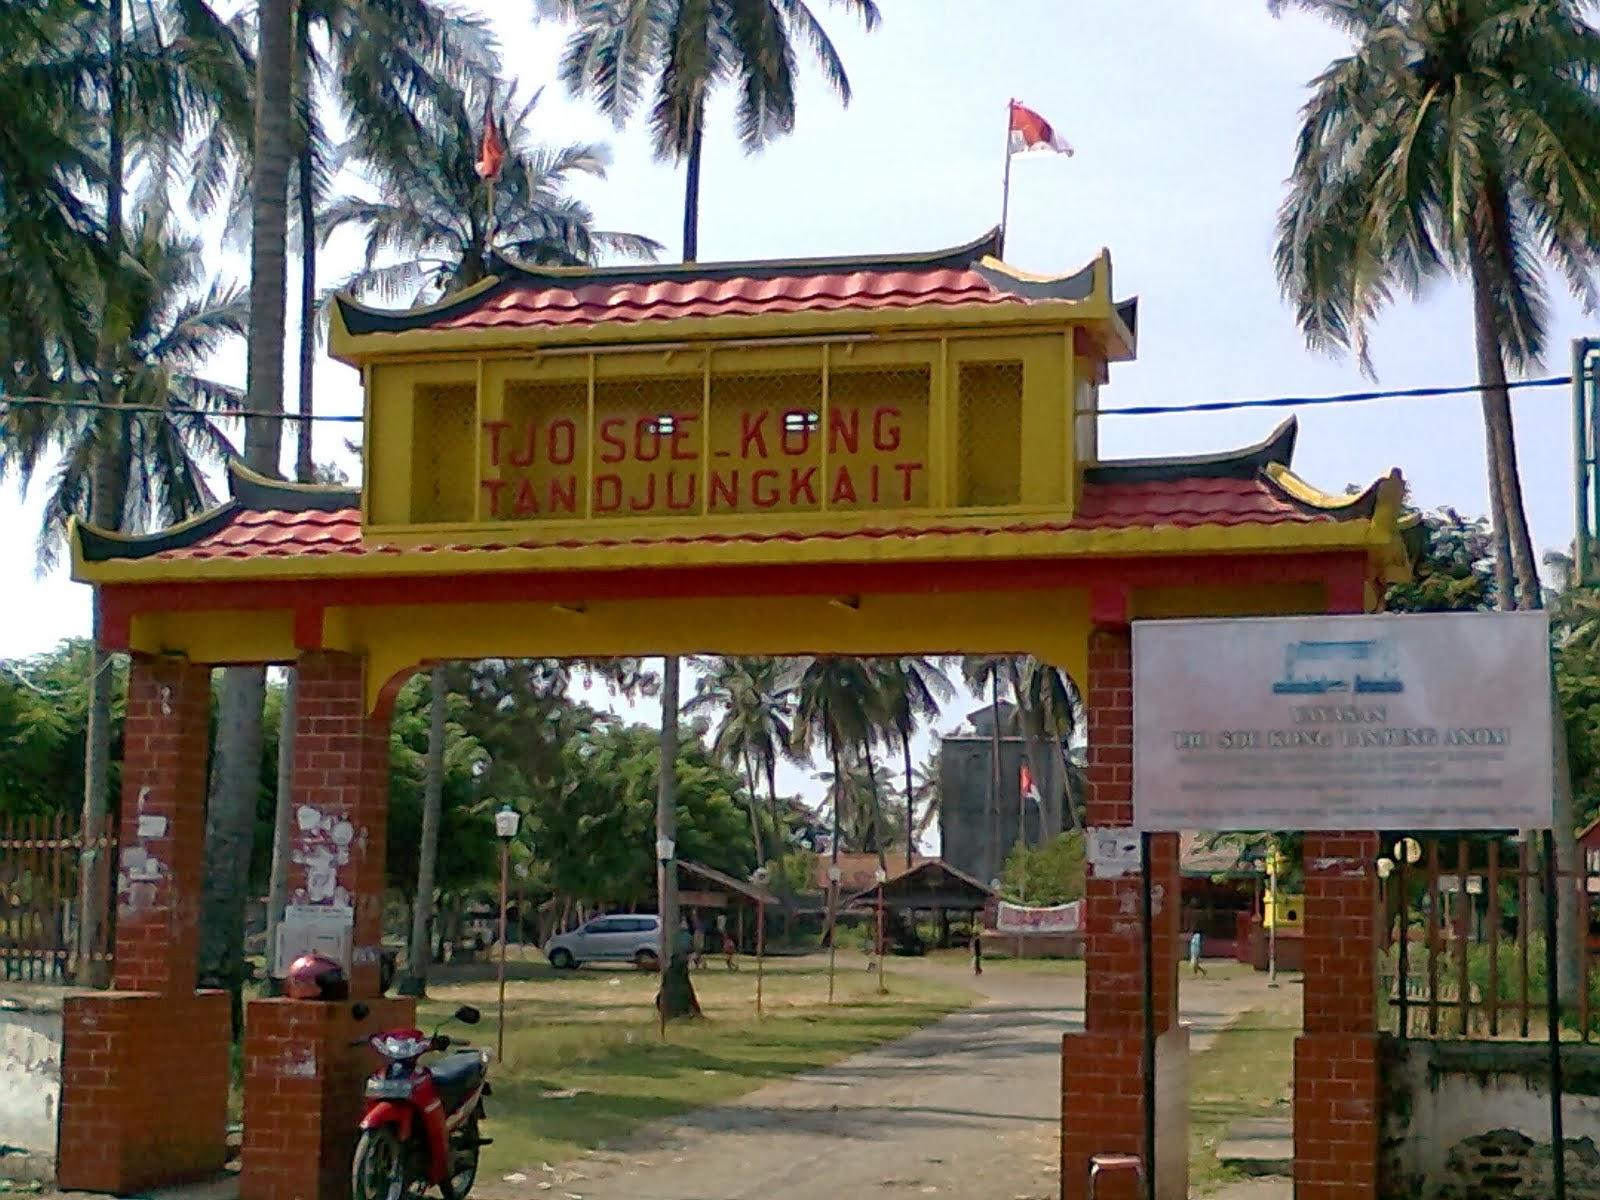 Foto-Foto Klenteng Tjo Soe Kong Tanjung Kait